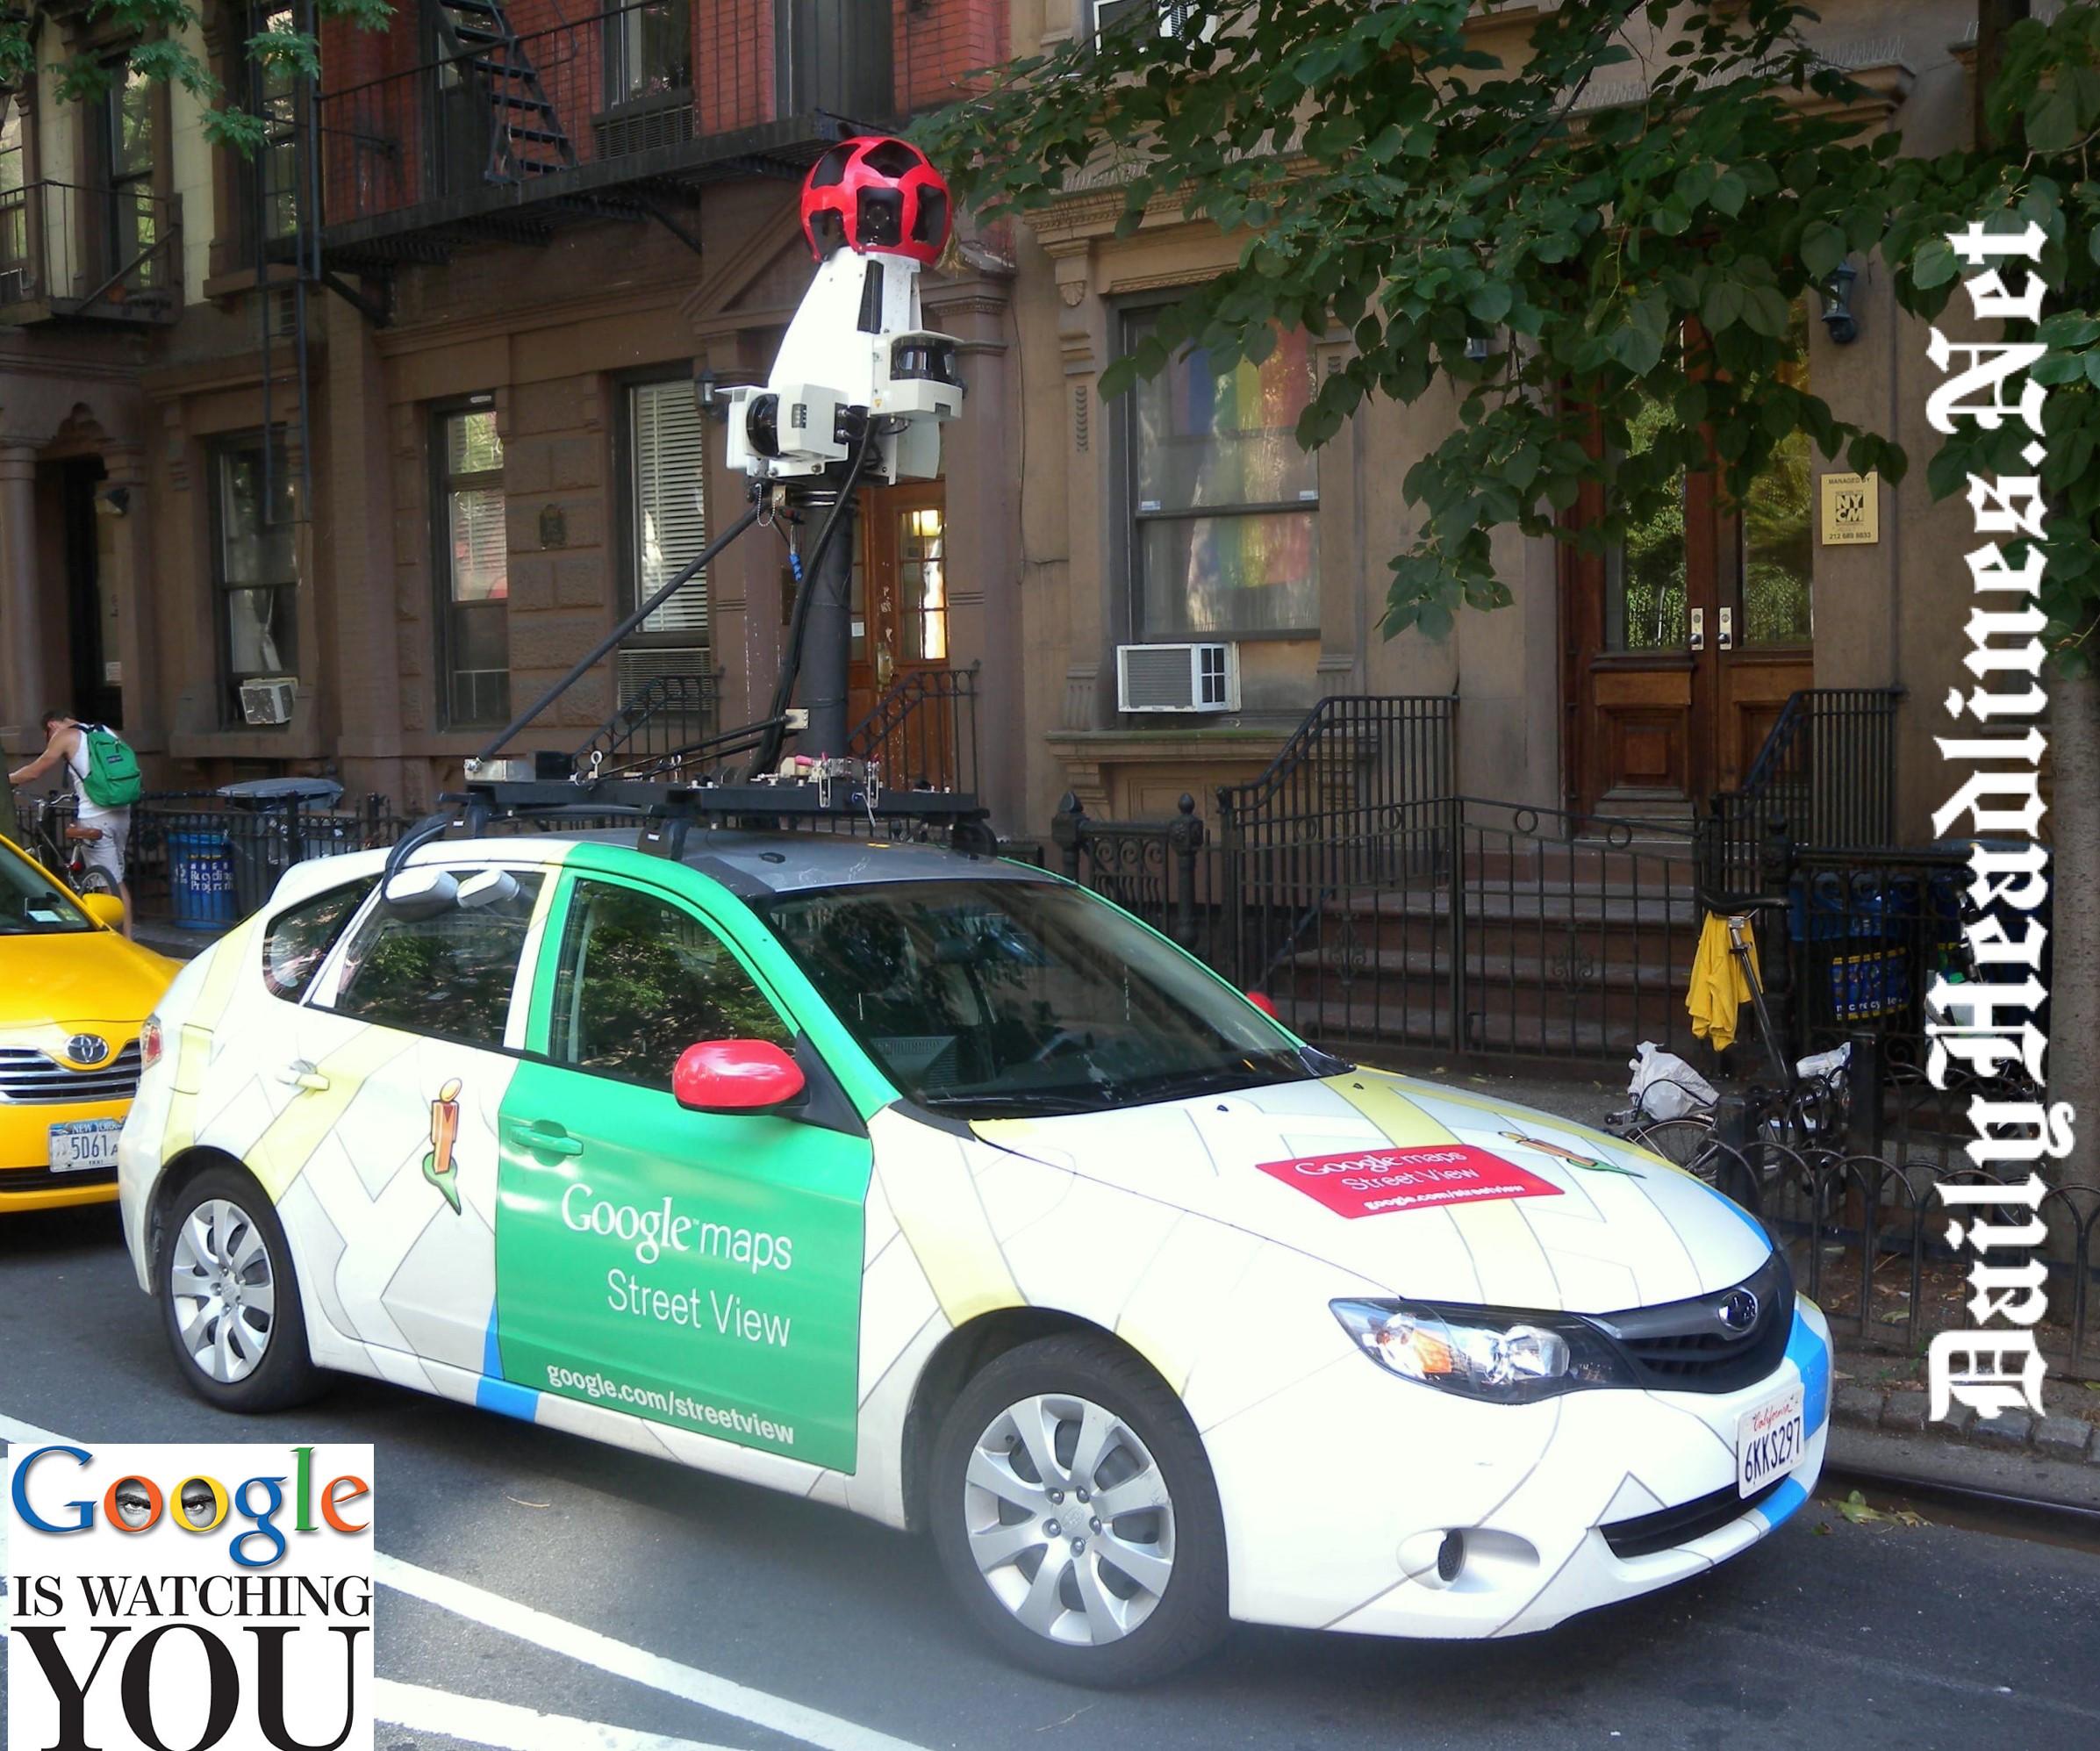 Google_camera_W47_car_jeh